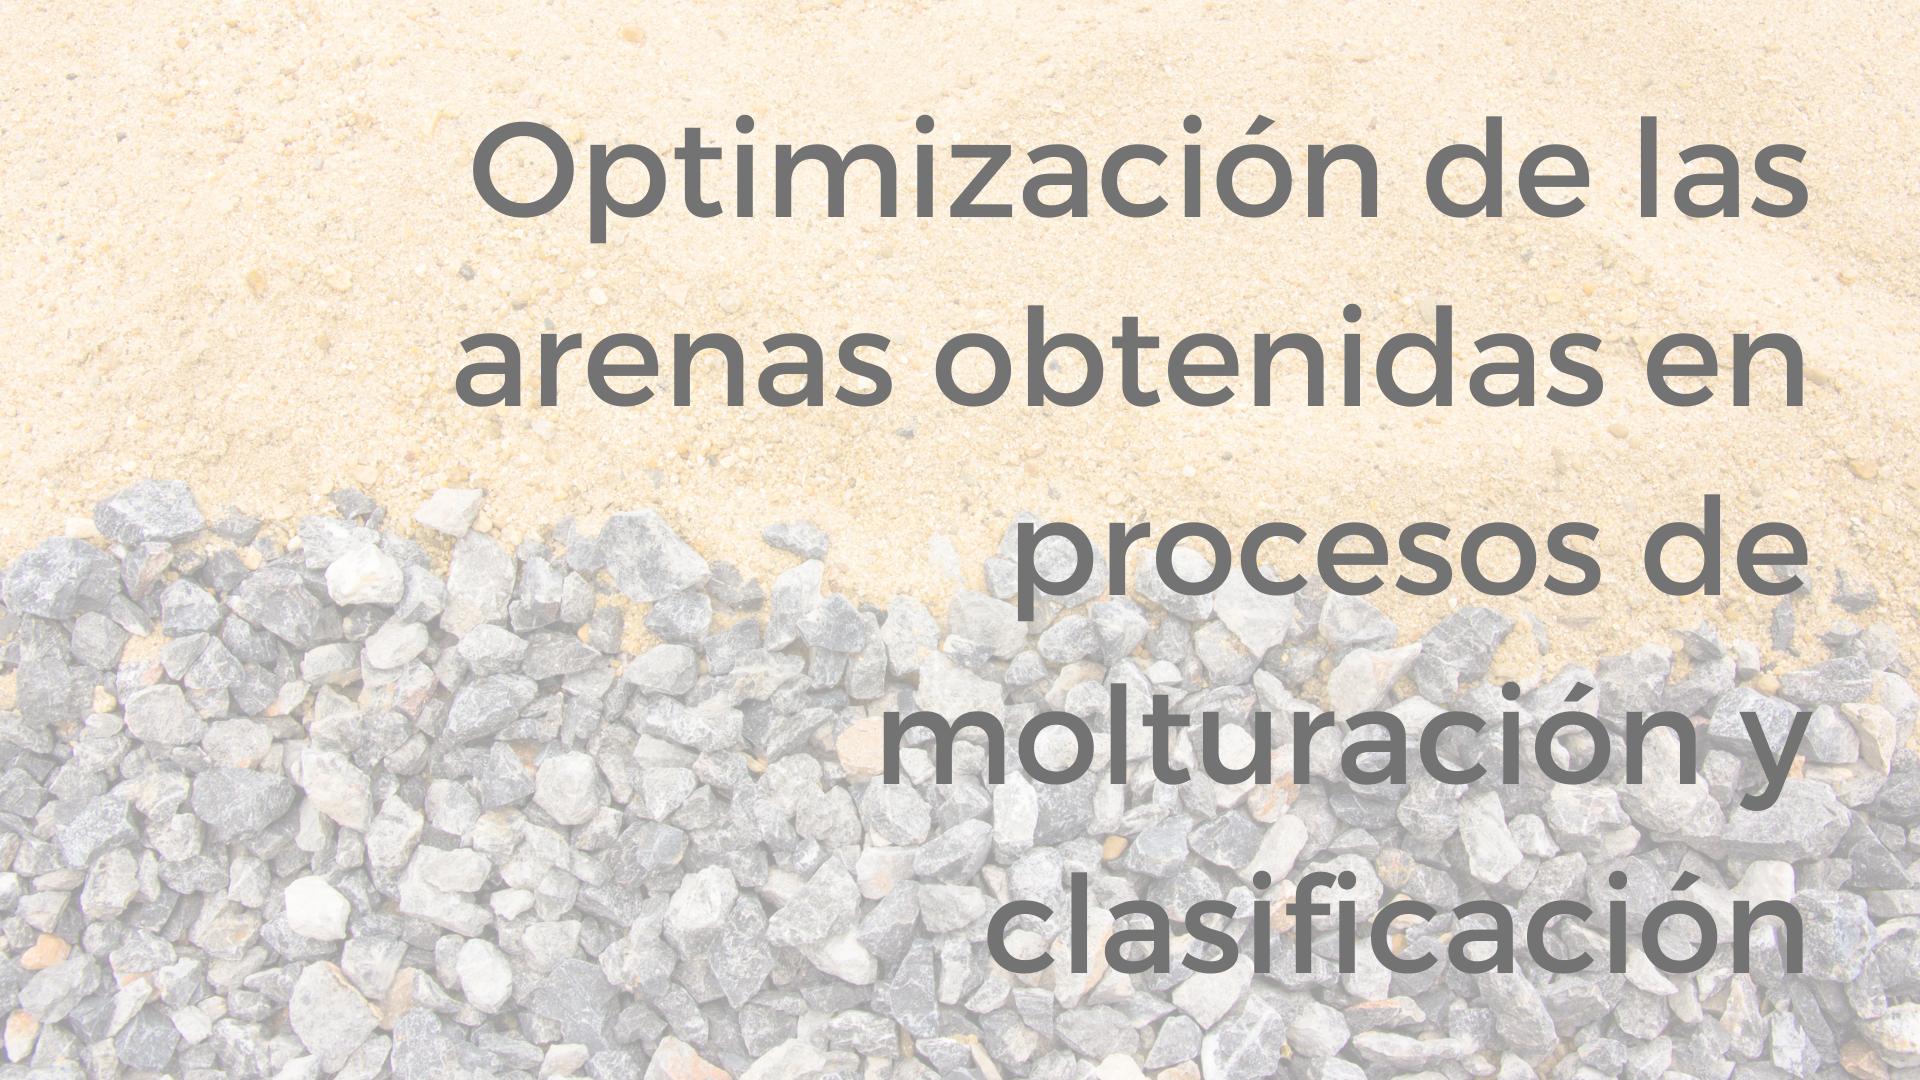 Optimización de las arenas